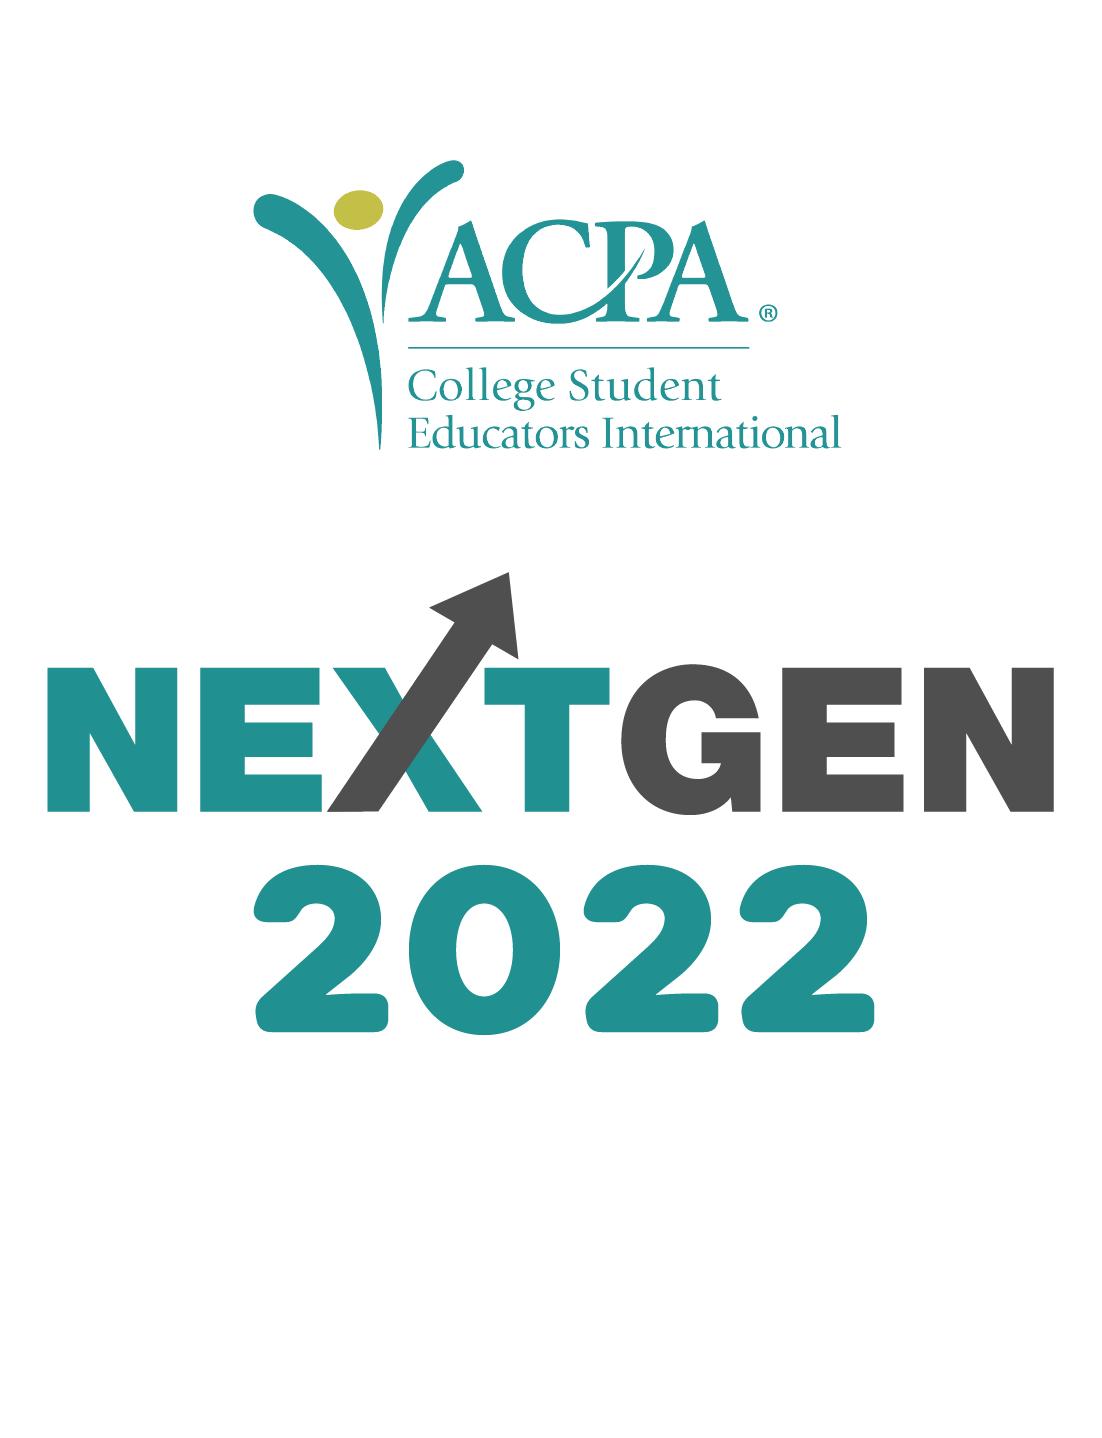 ACPA logo and text: NextGen 2022